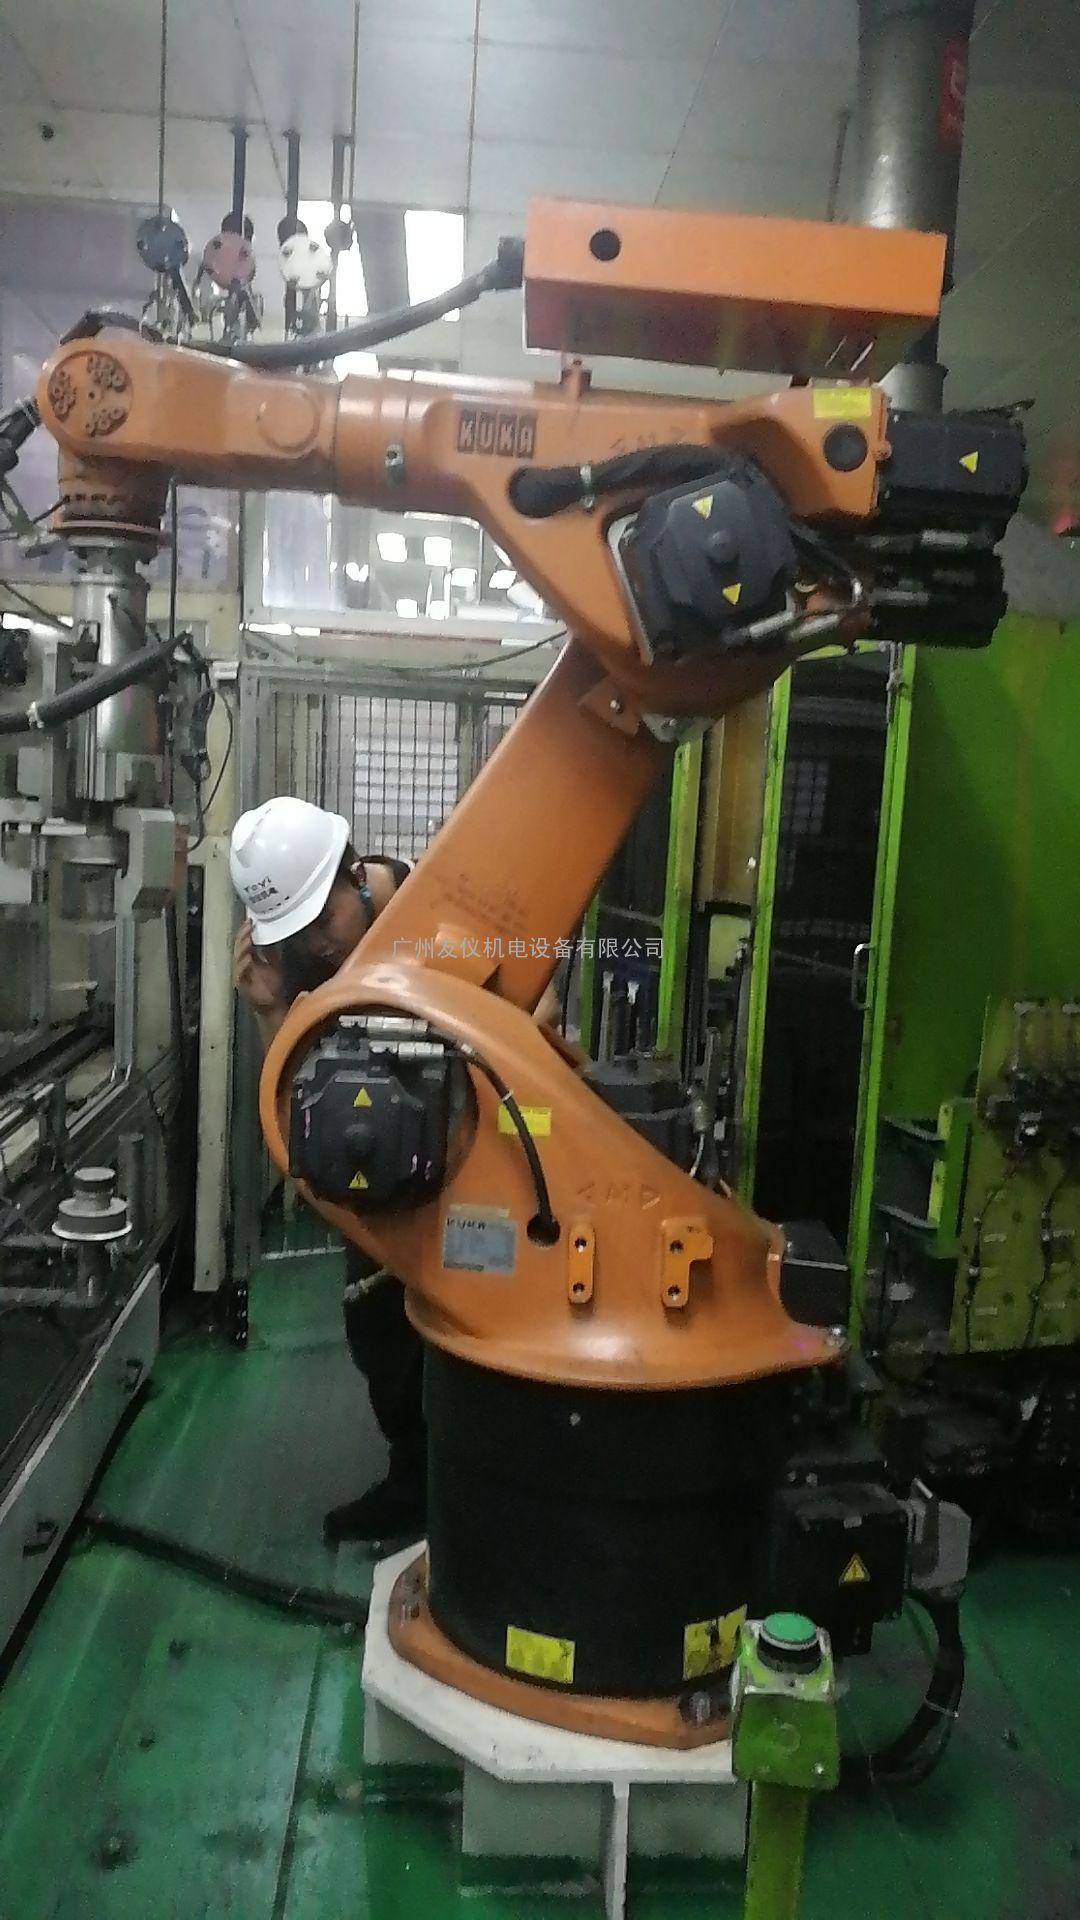 kuka库卡机器人KR8 R1620 HP维修中心